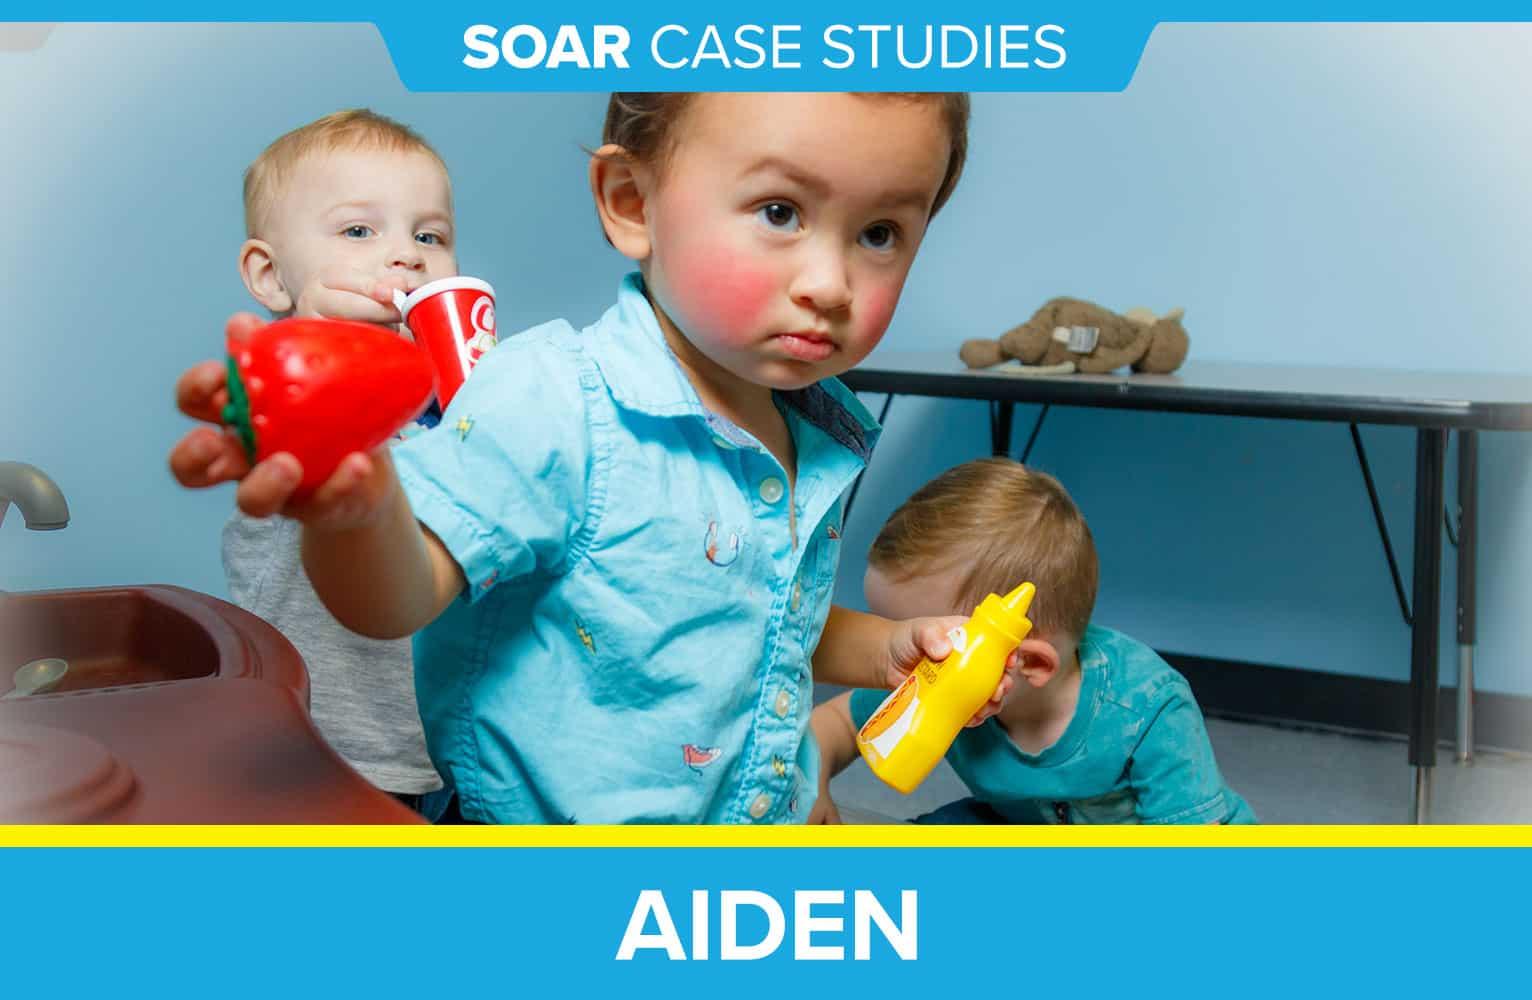 SOAR Case Study - Aiden